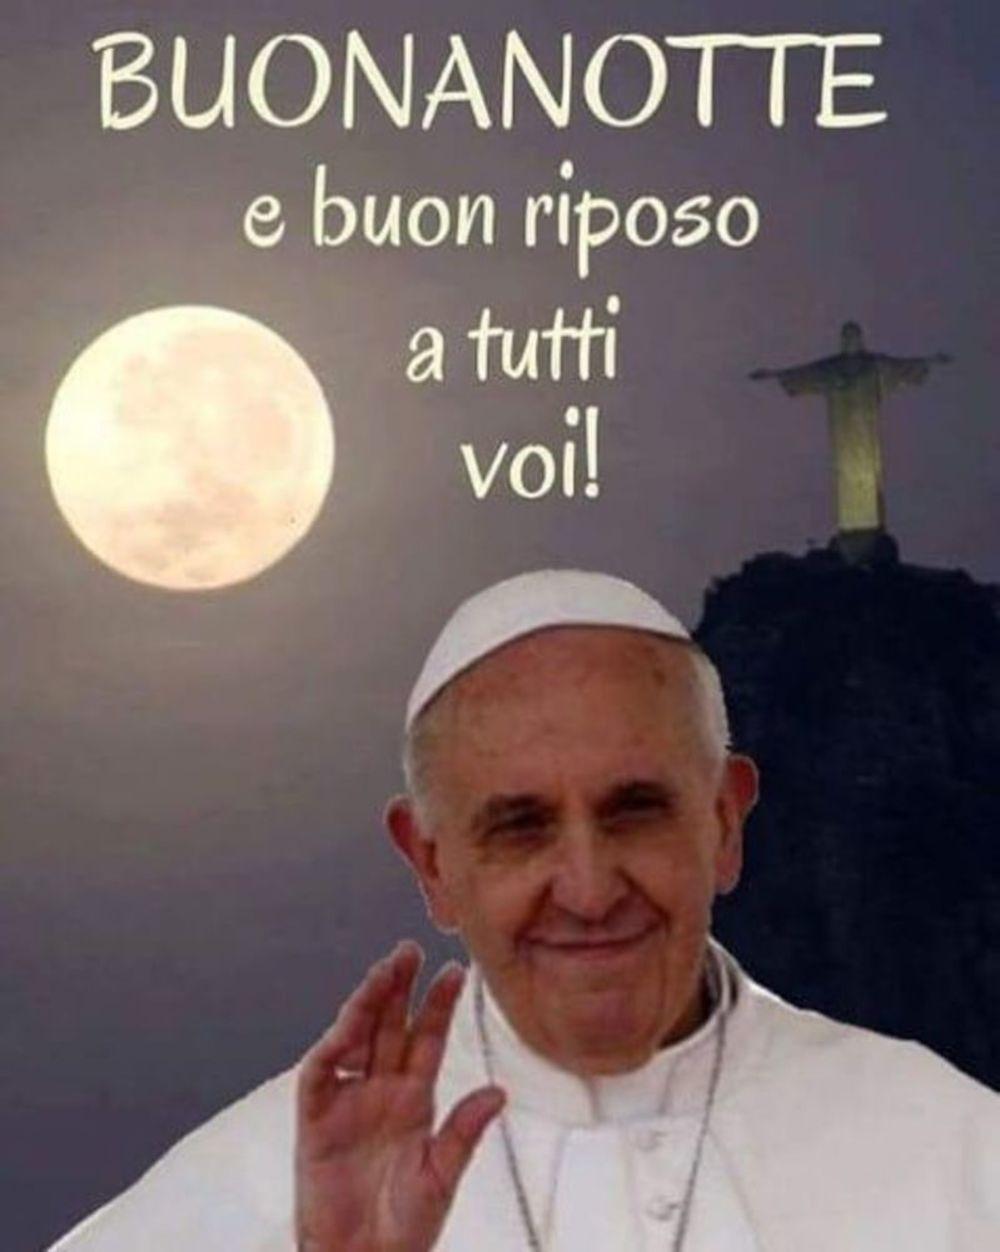 Frasi Di Buonanotte Papa.1463 Immagini E Frasi Di Buonanotte Pagina 11 Buongiornospeciale It